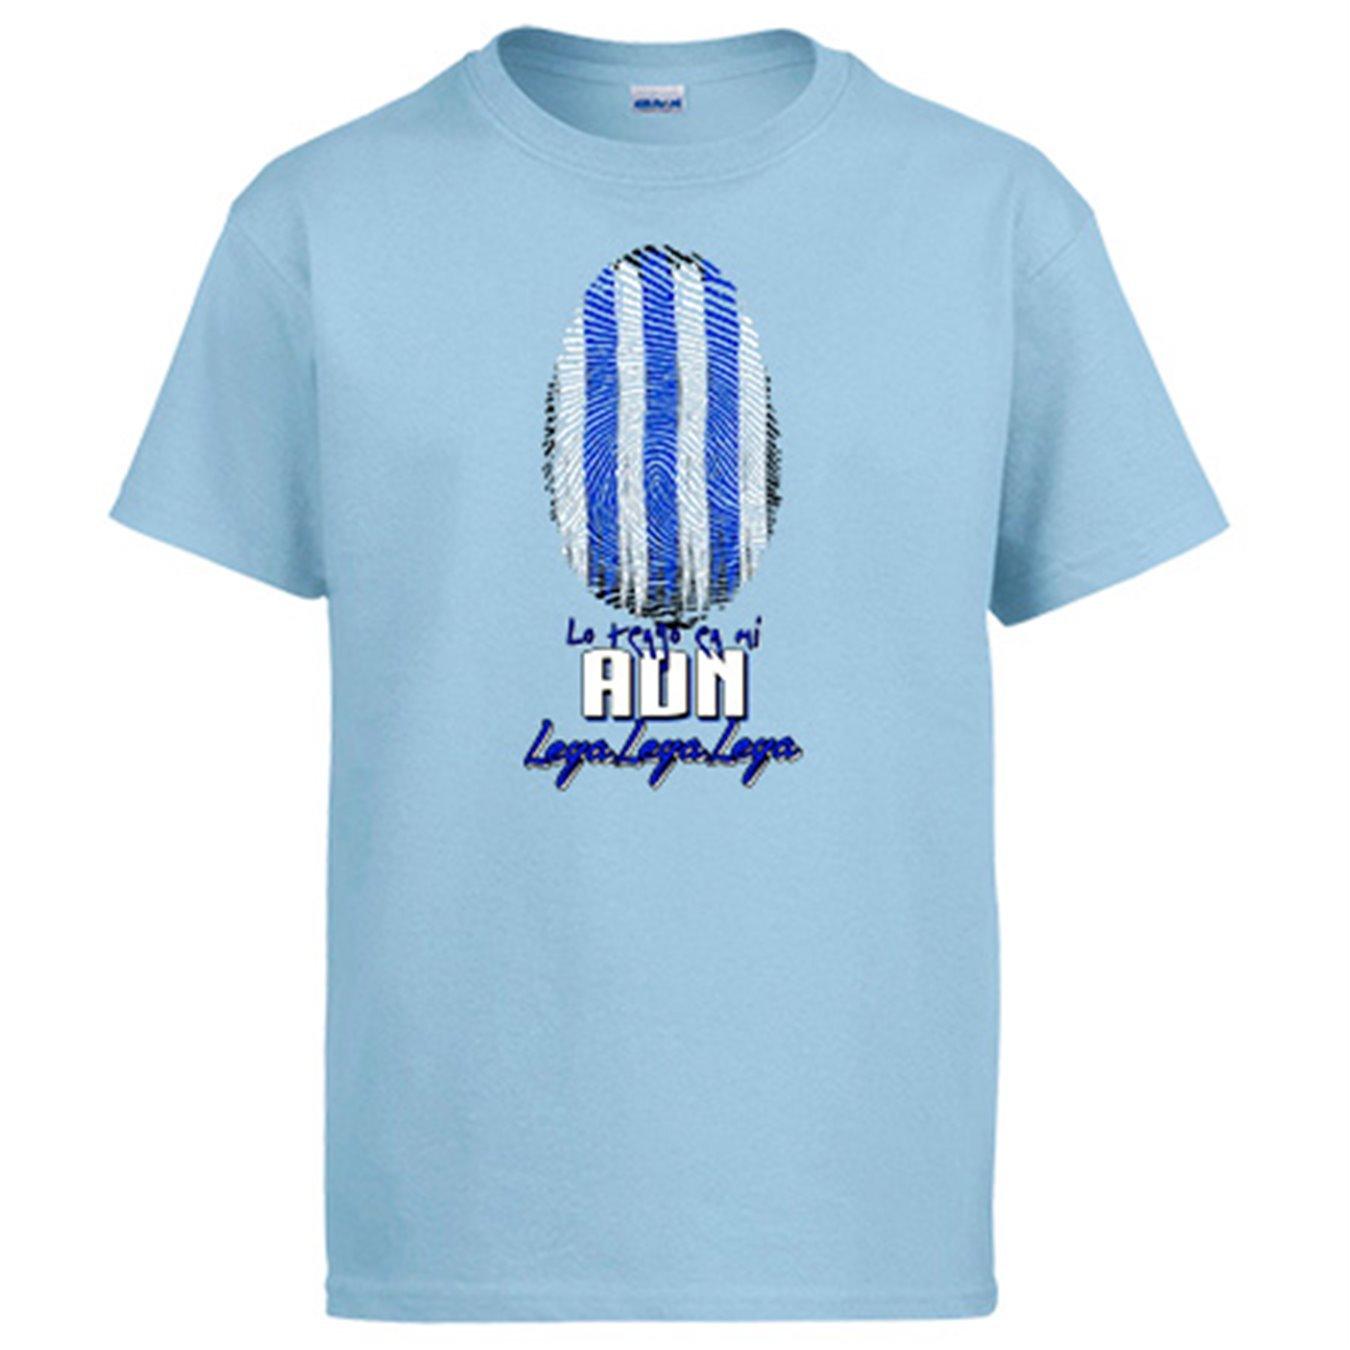 Diver Camisetas Camiseta lo Tengo en mi ADN Leganés fútbol: Amazon.es: Ropa y accesorios